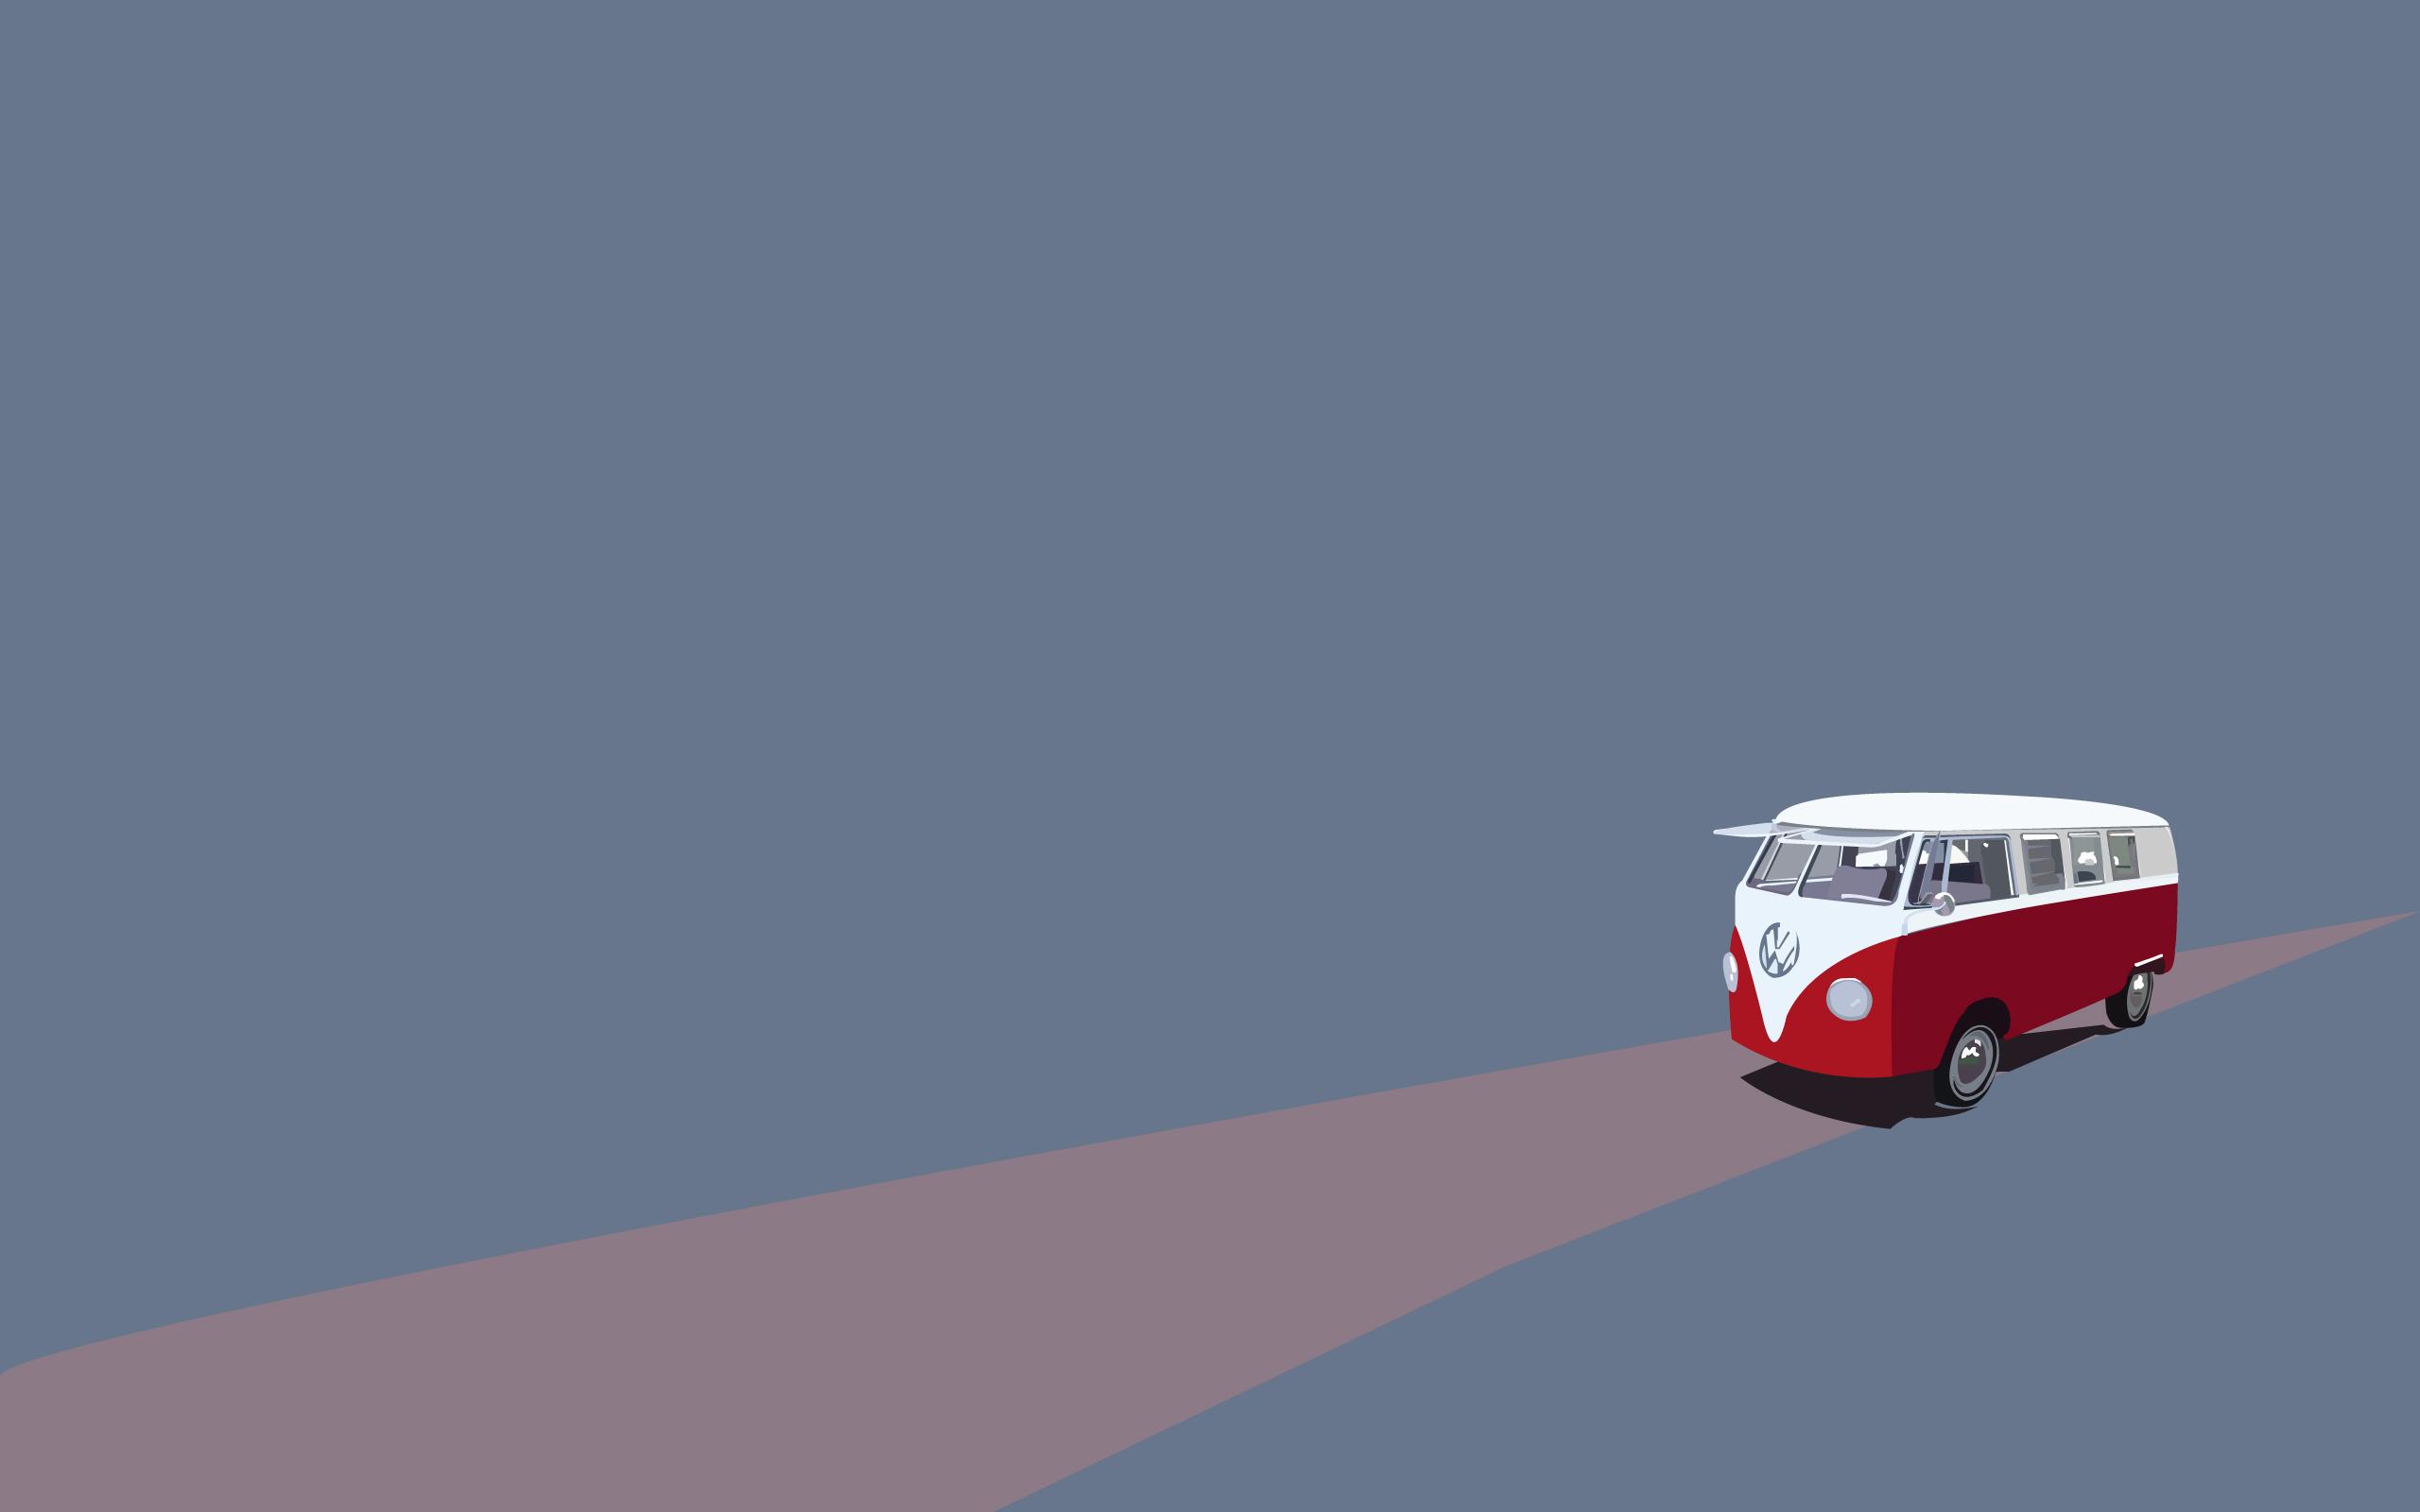 minimalist bus vector road art hd wallpaper   Magic4Wallscom 2560x1600